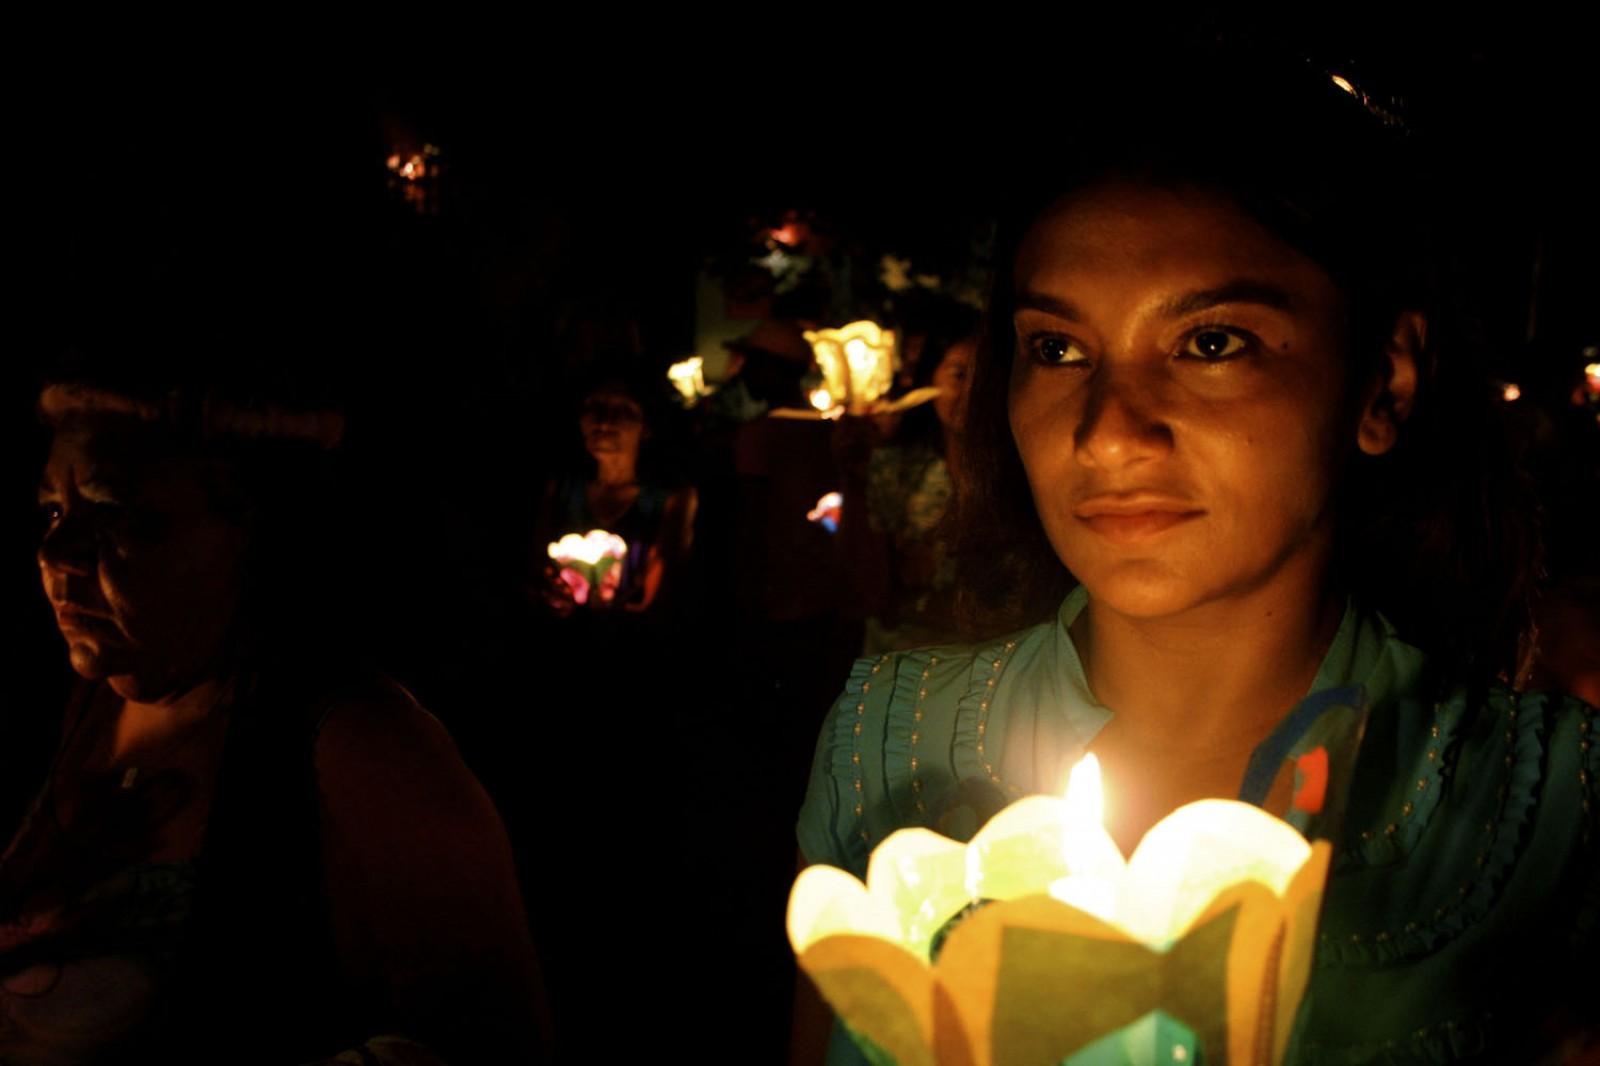 A FESTA DA MENINA MORTA (Brésil) - 2008